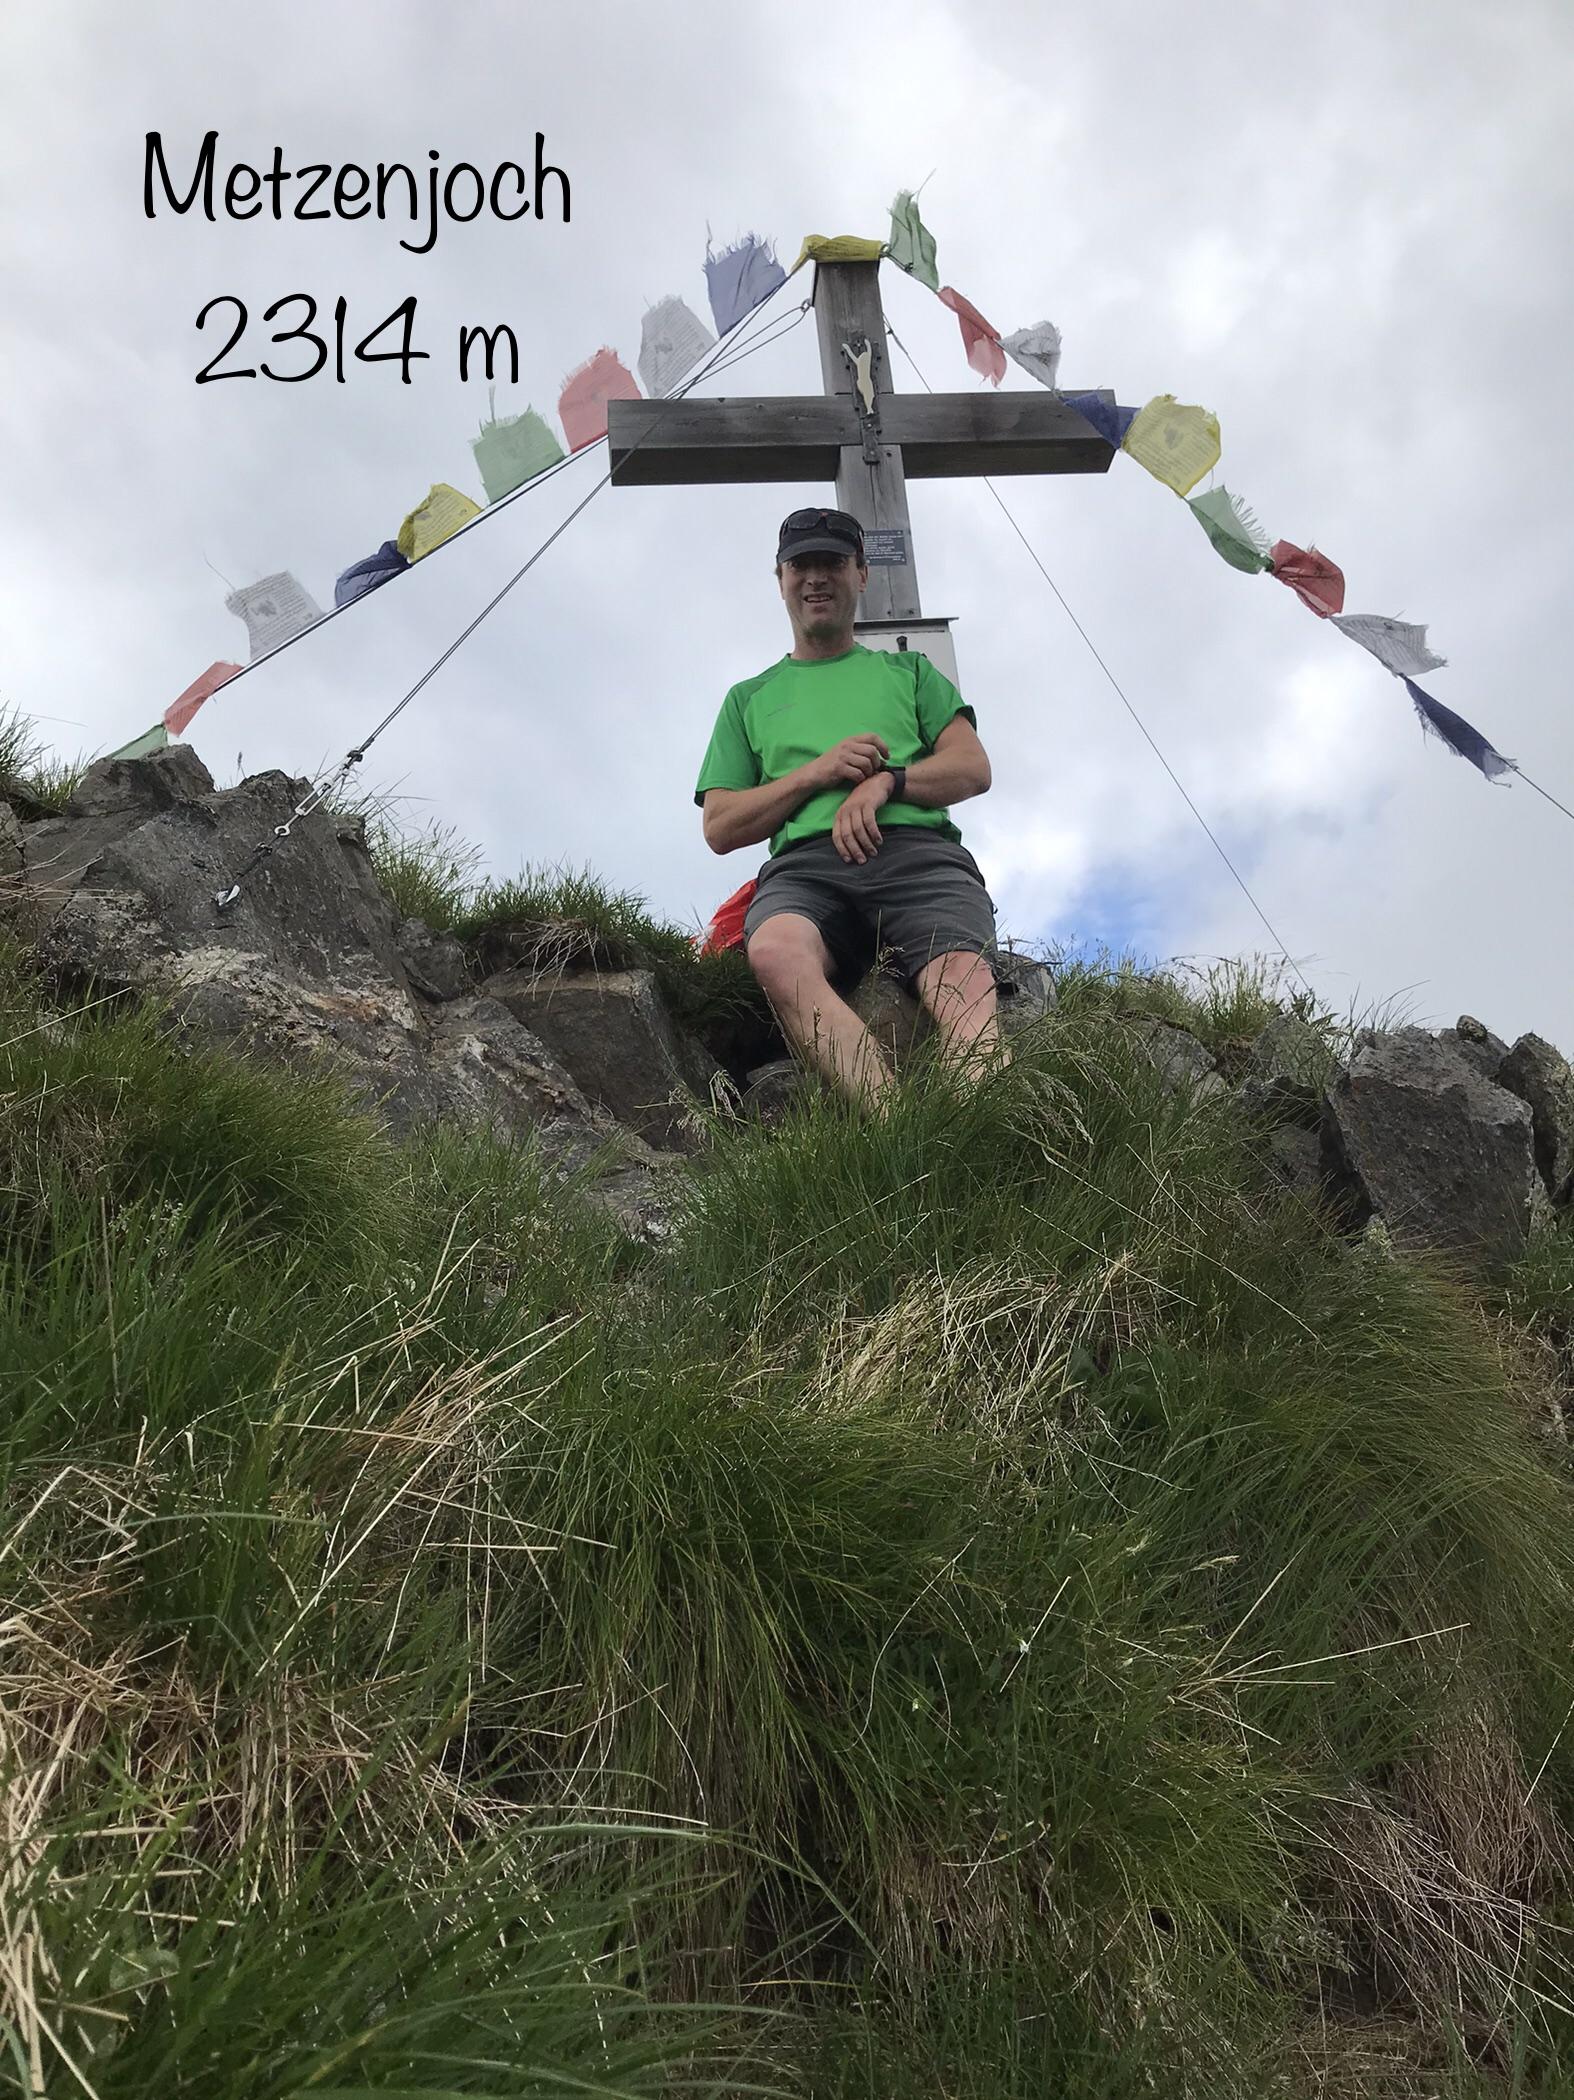 Metzenjoch 2313m